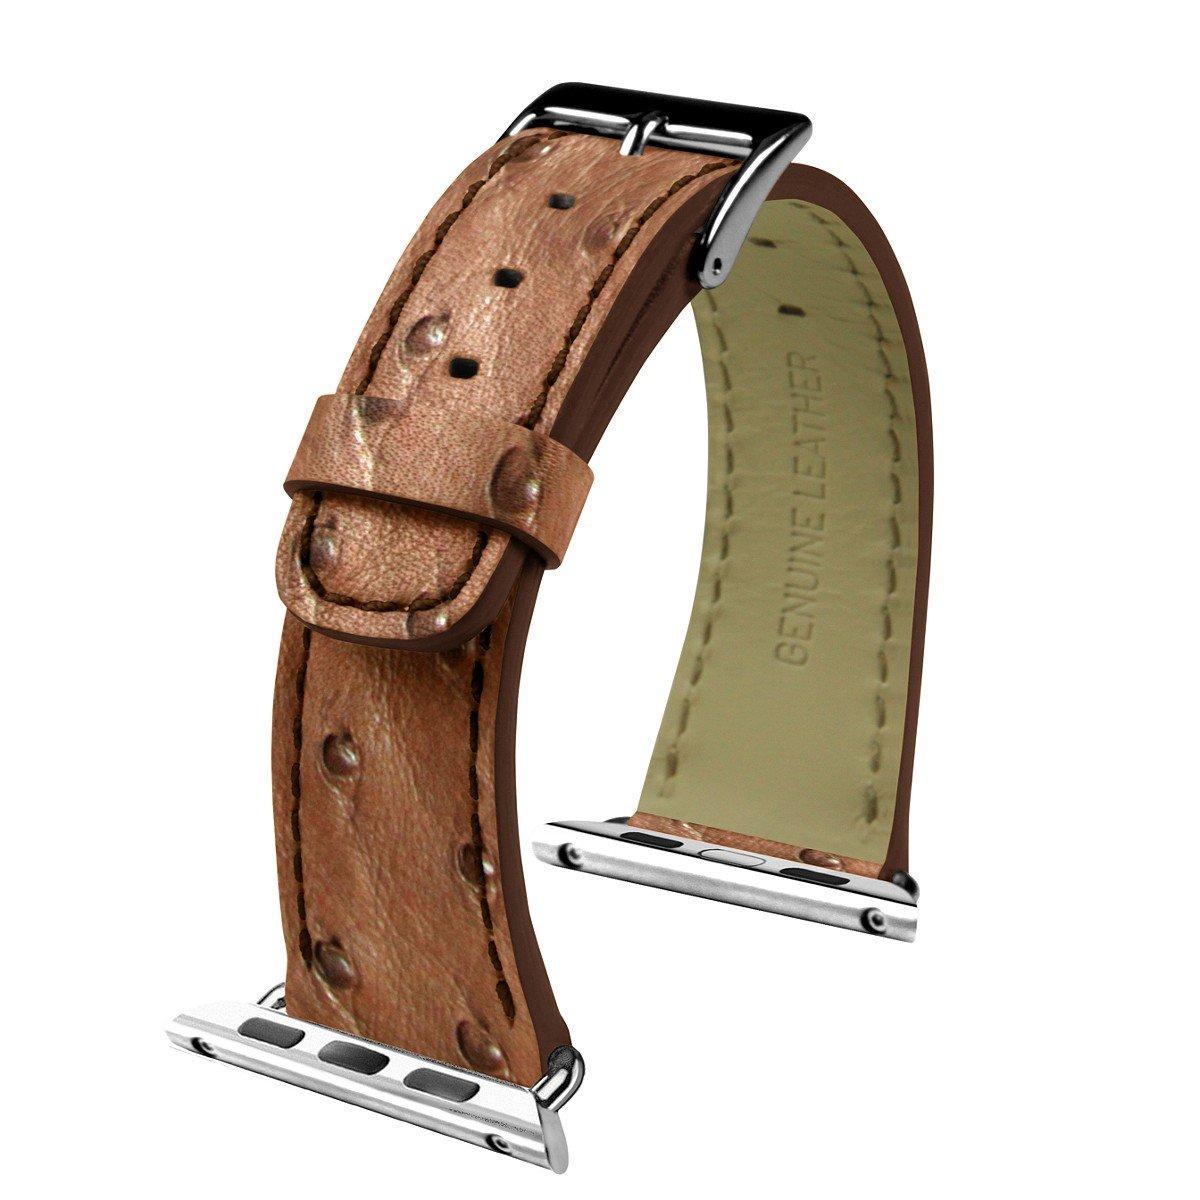 Lucrin - Apple Watch armband 42 mm - Tabak - Echtem Straussenleder